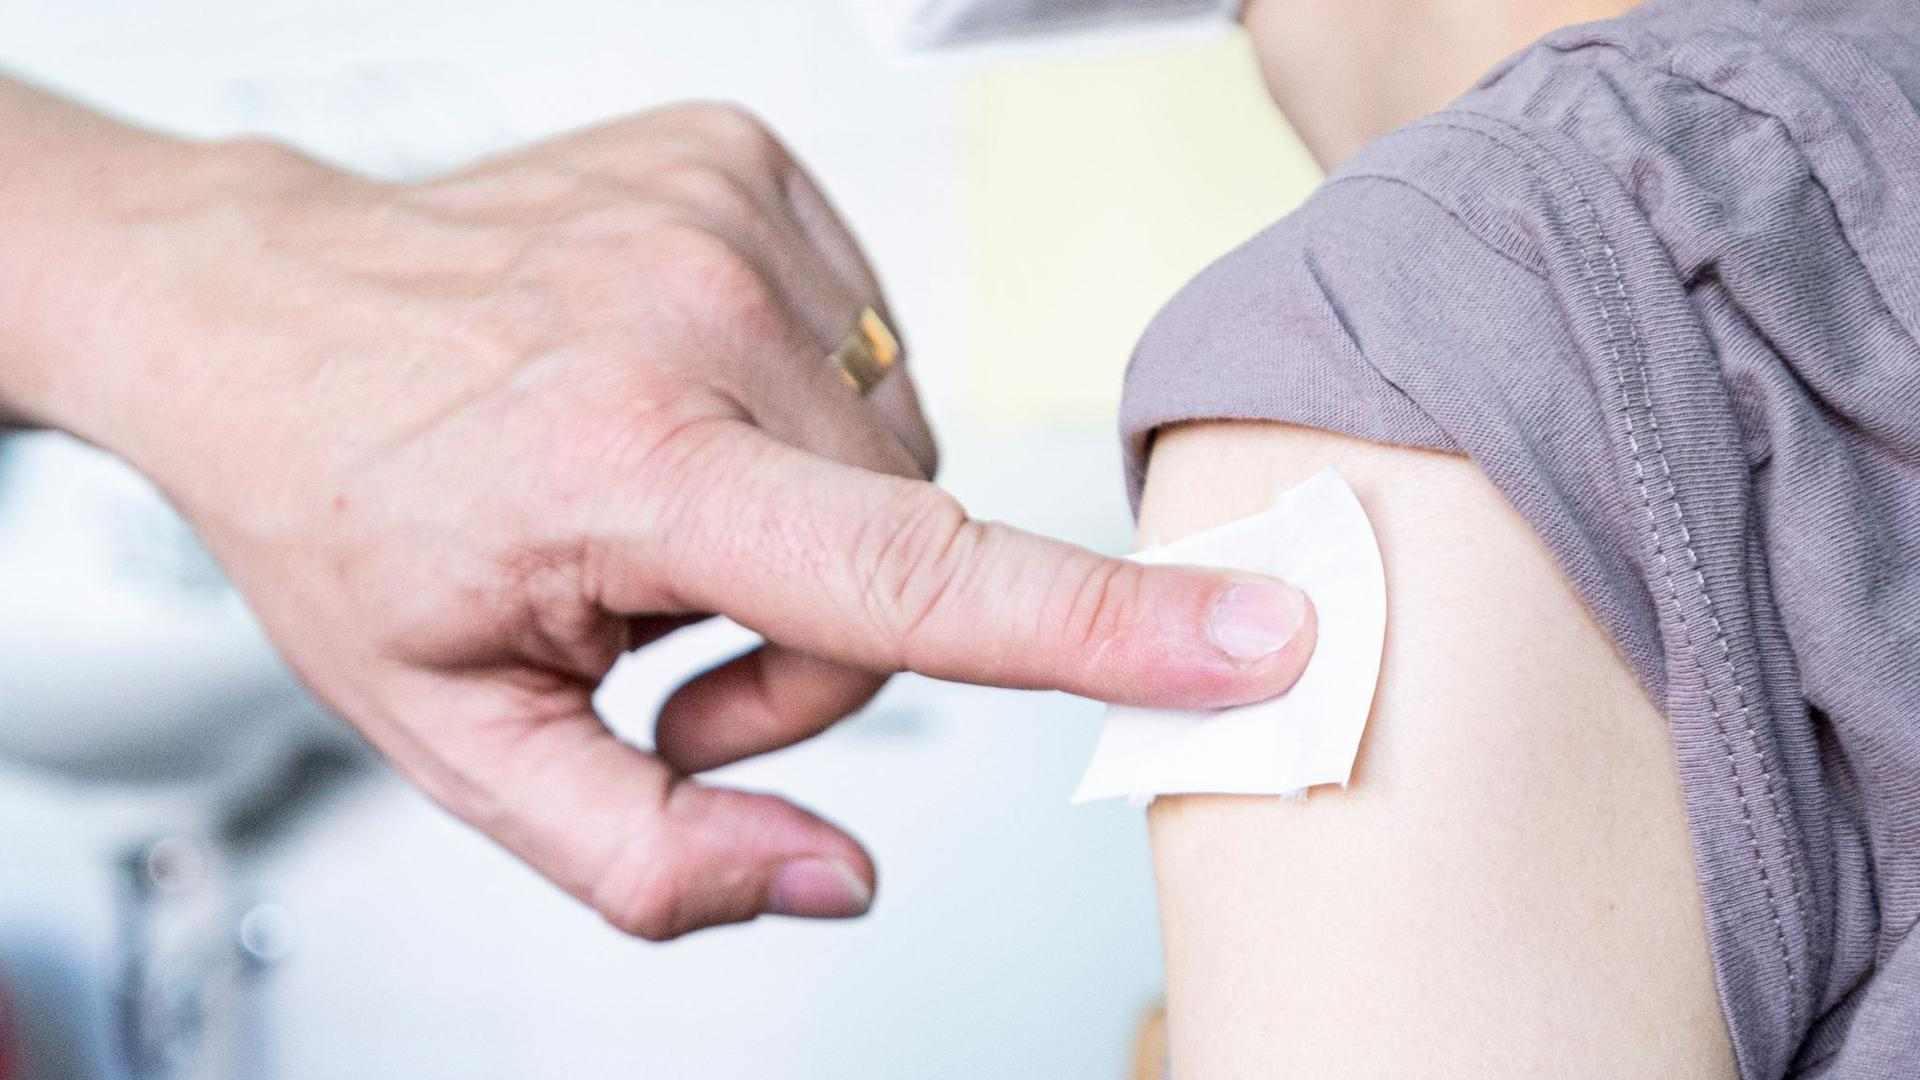 Ein Kinder- und Jugendarzt drückt ein Abtupftuch an die Stelle einer Impfung.